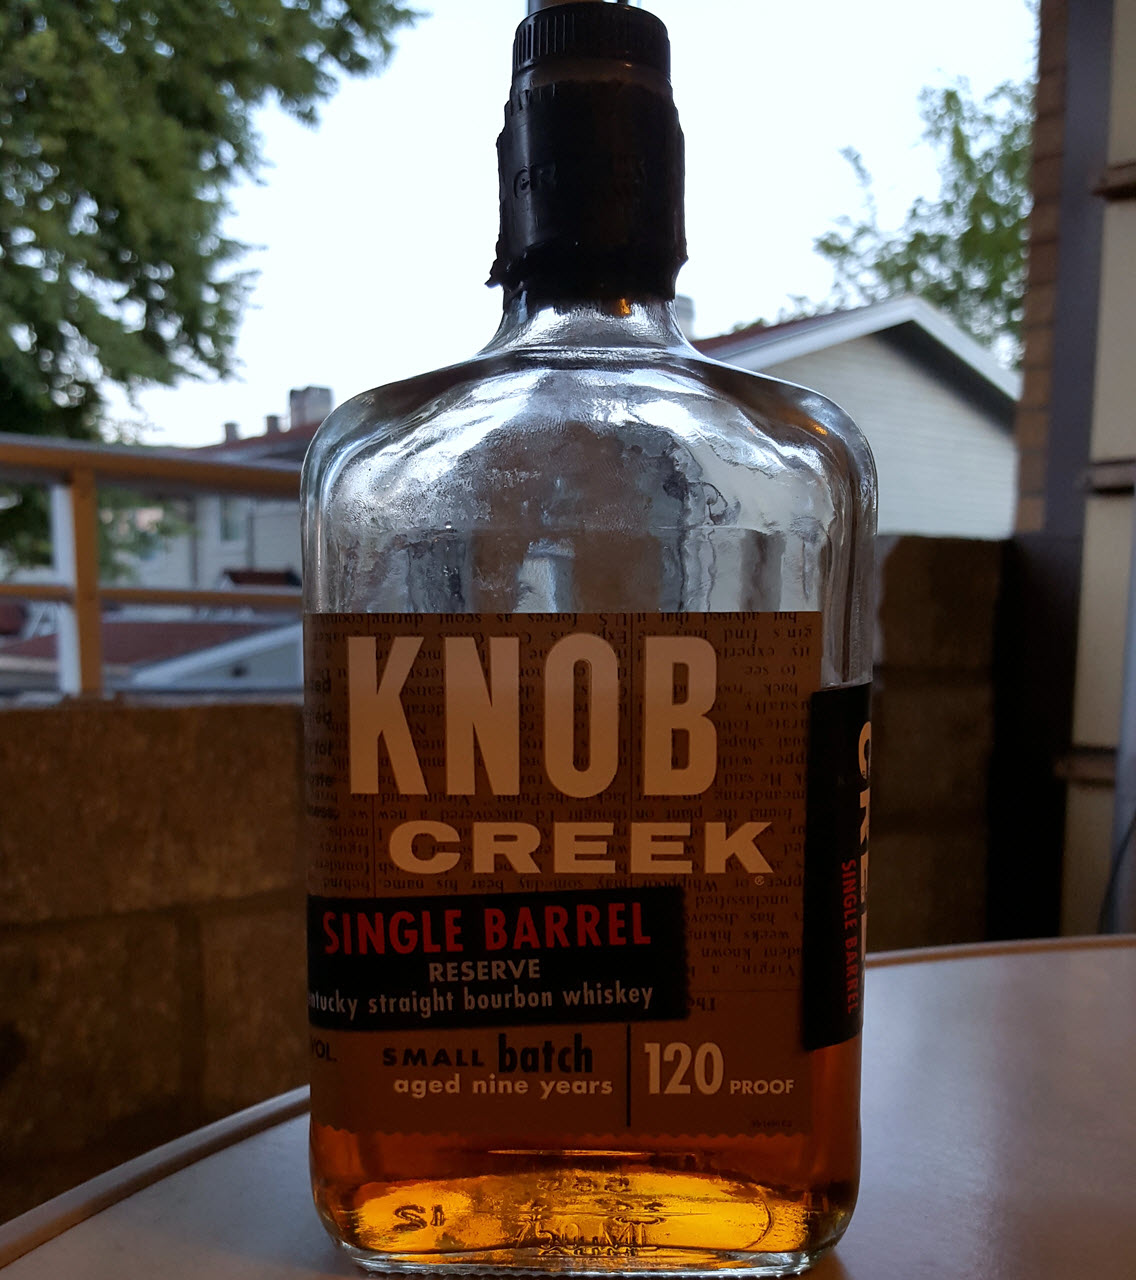 knob_creek_9yo_single_barrel-reserve.jpg